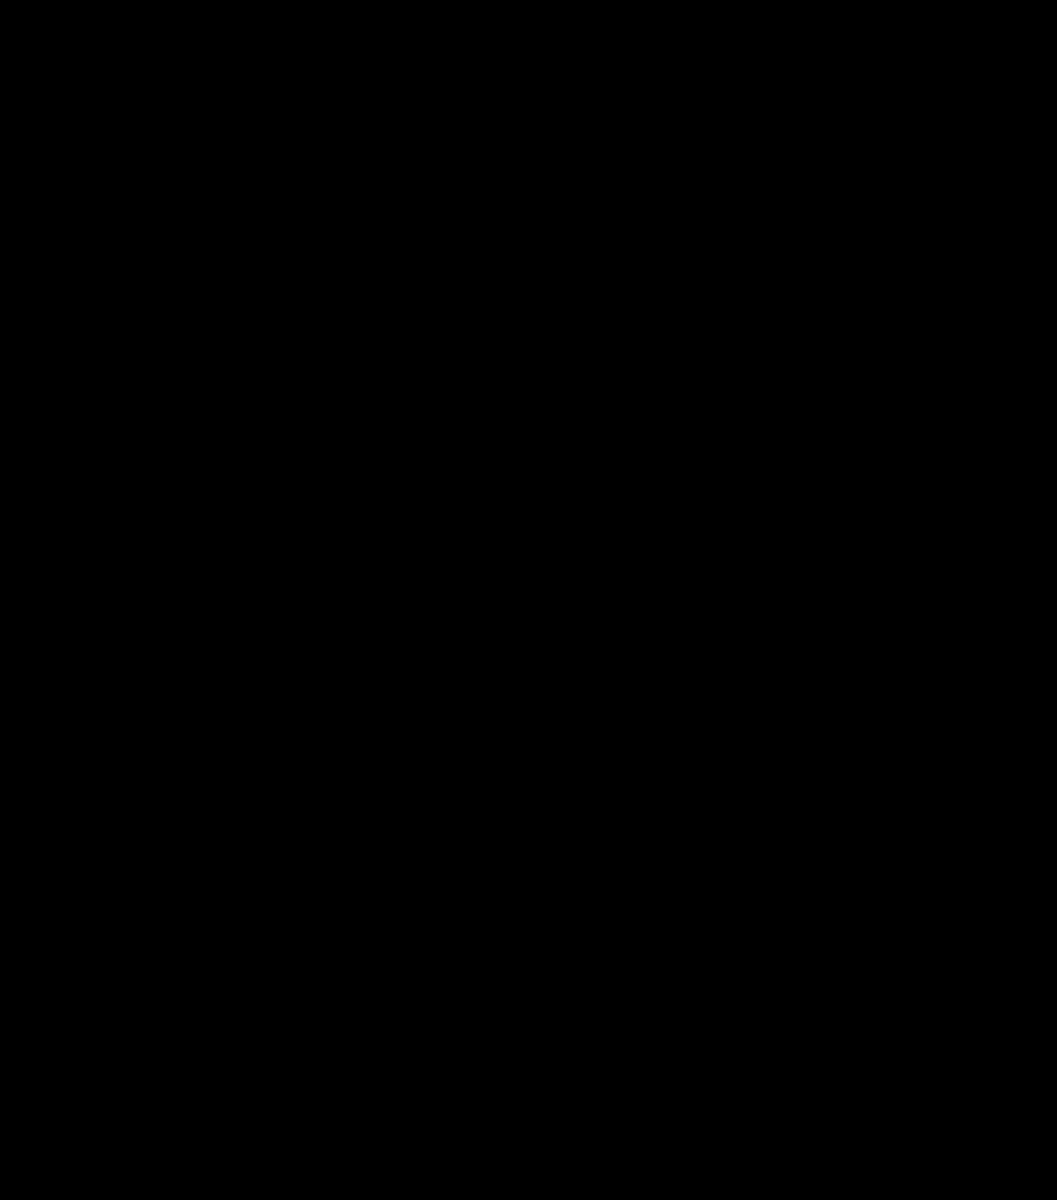 Deursticker – Valentijn – Zwart 14×15